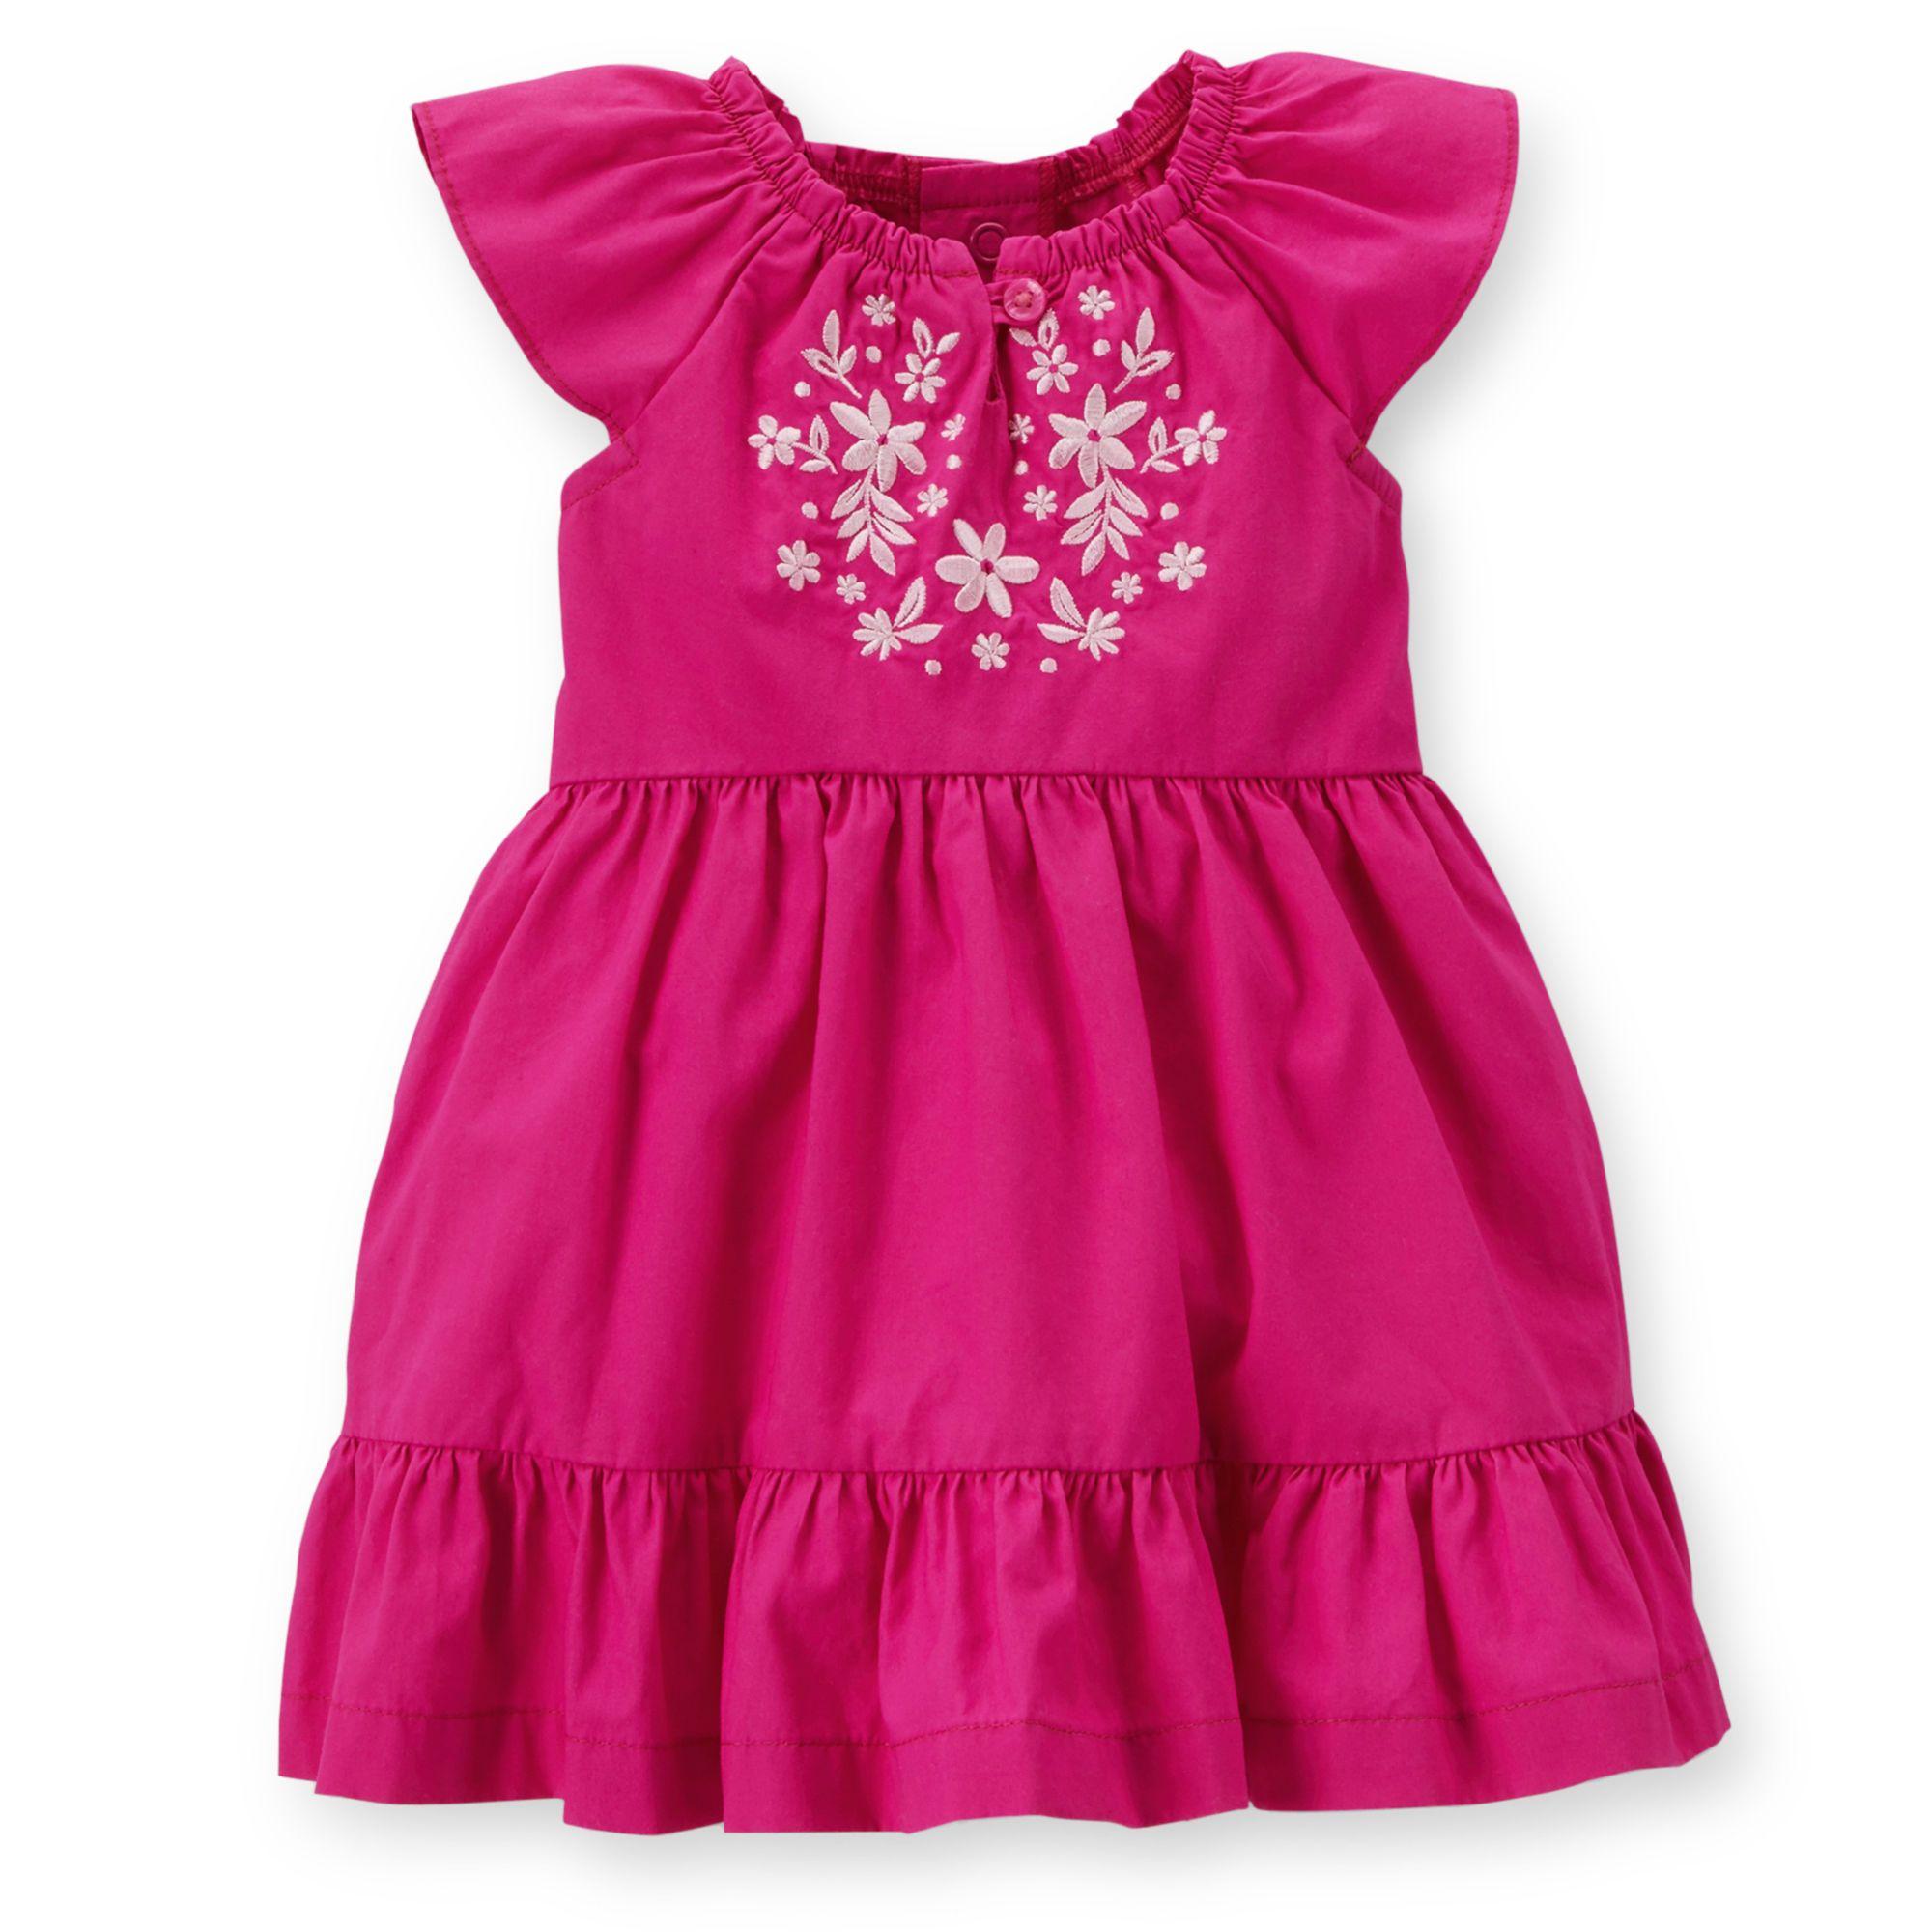 Tiered Woven Dress | Pinterest | Ropa para niños, Para niños y Ropa